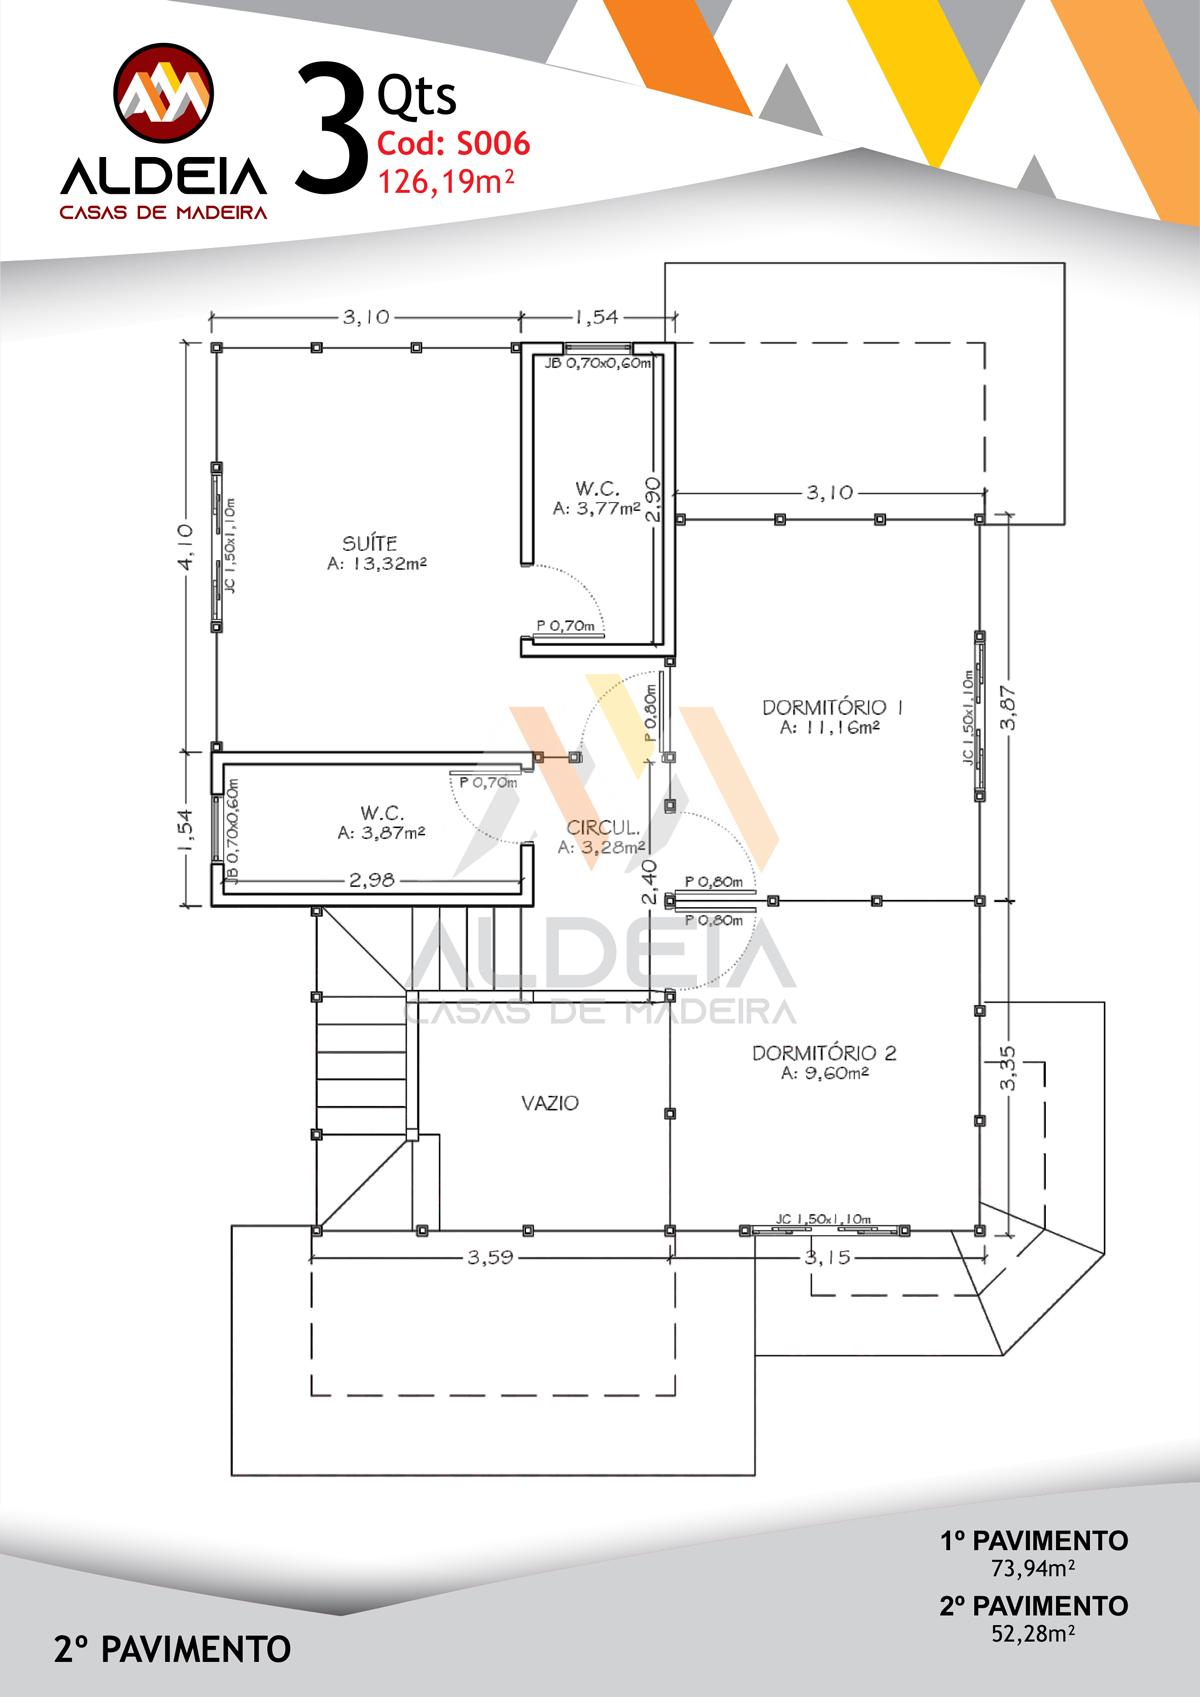 aldeia-casas-madeira-arquitetura-S006-2